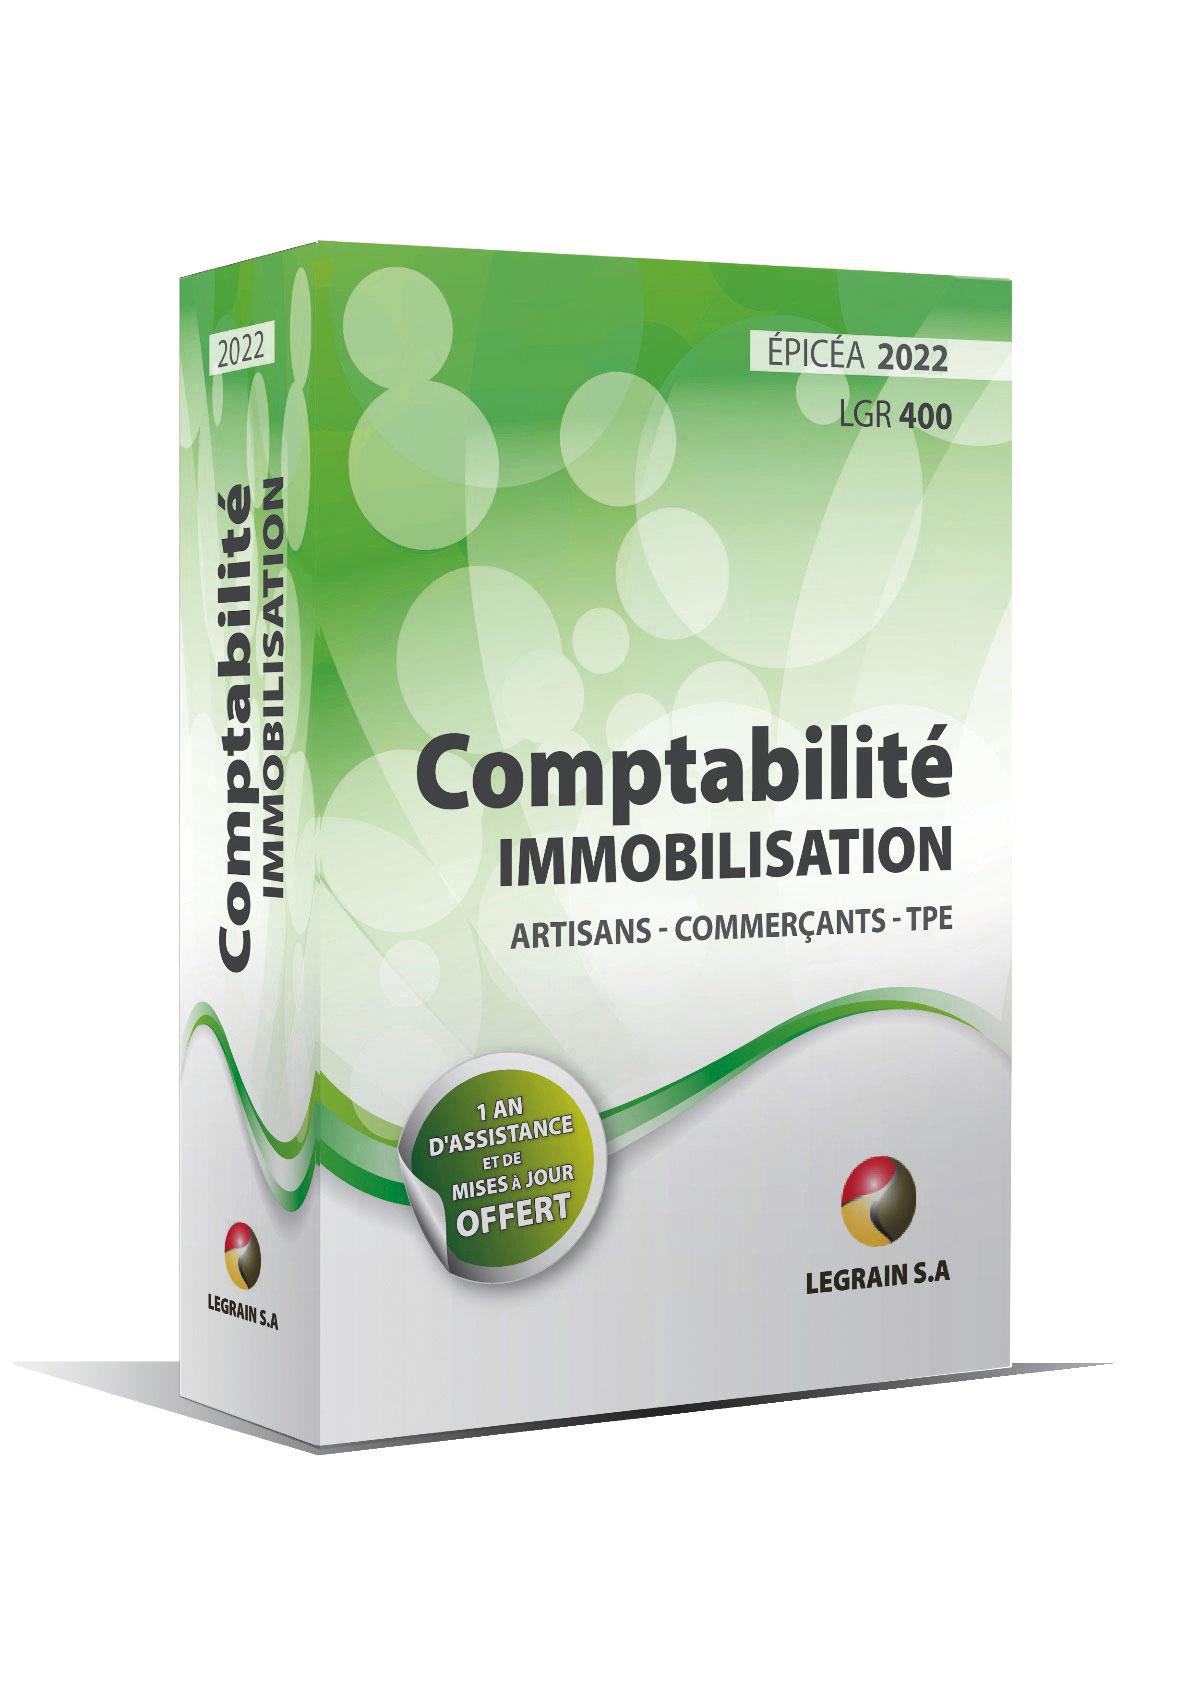 legrain - logiciels de comptabilité Artisans, TPE, Commerçant